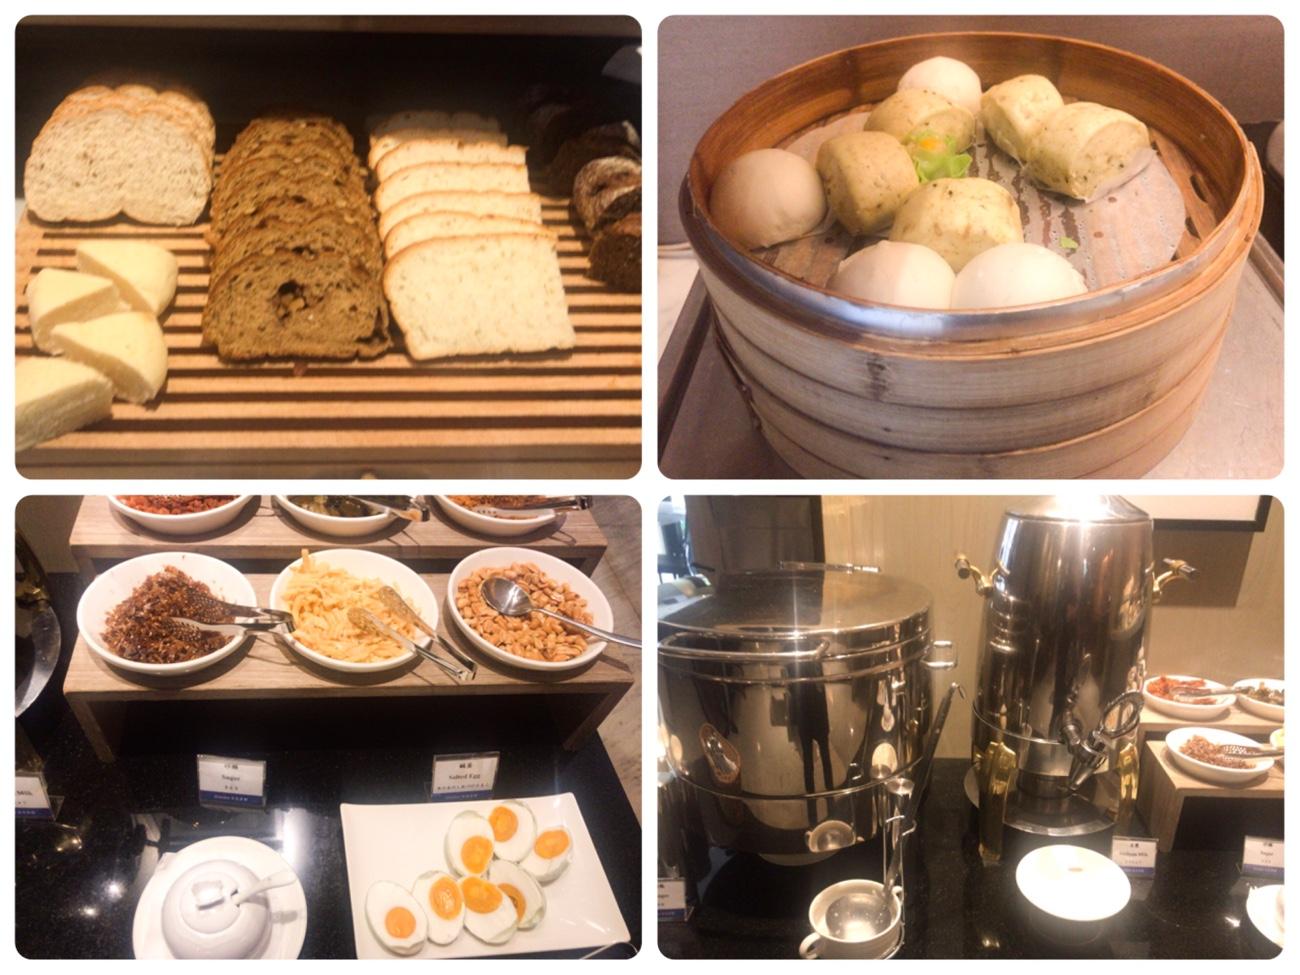 グランディ タイペイ ホテル(台北官邸飯店) 朝食ビュッフェ バイキング